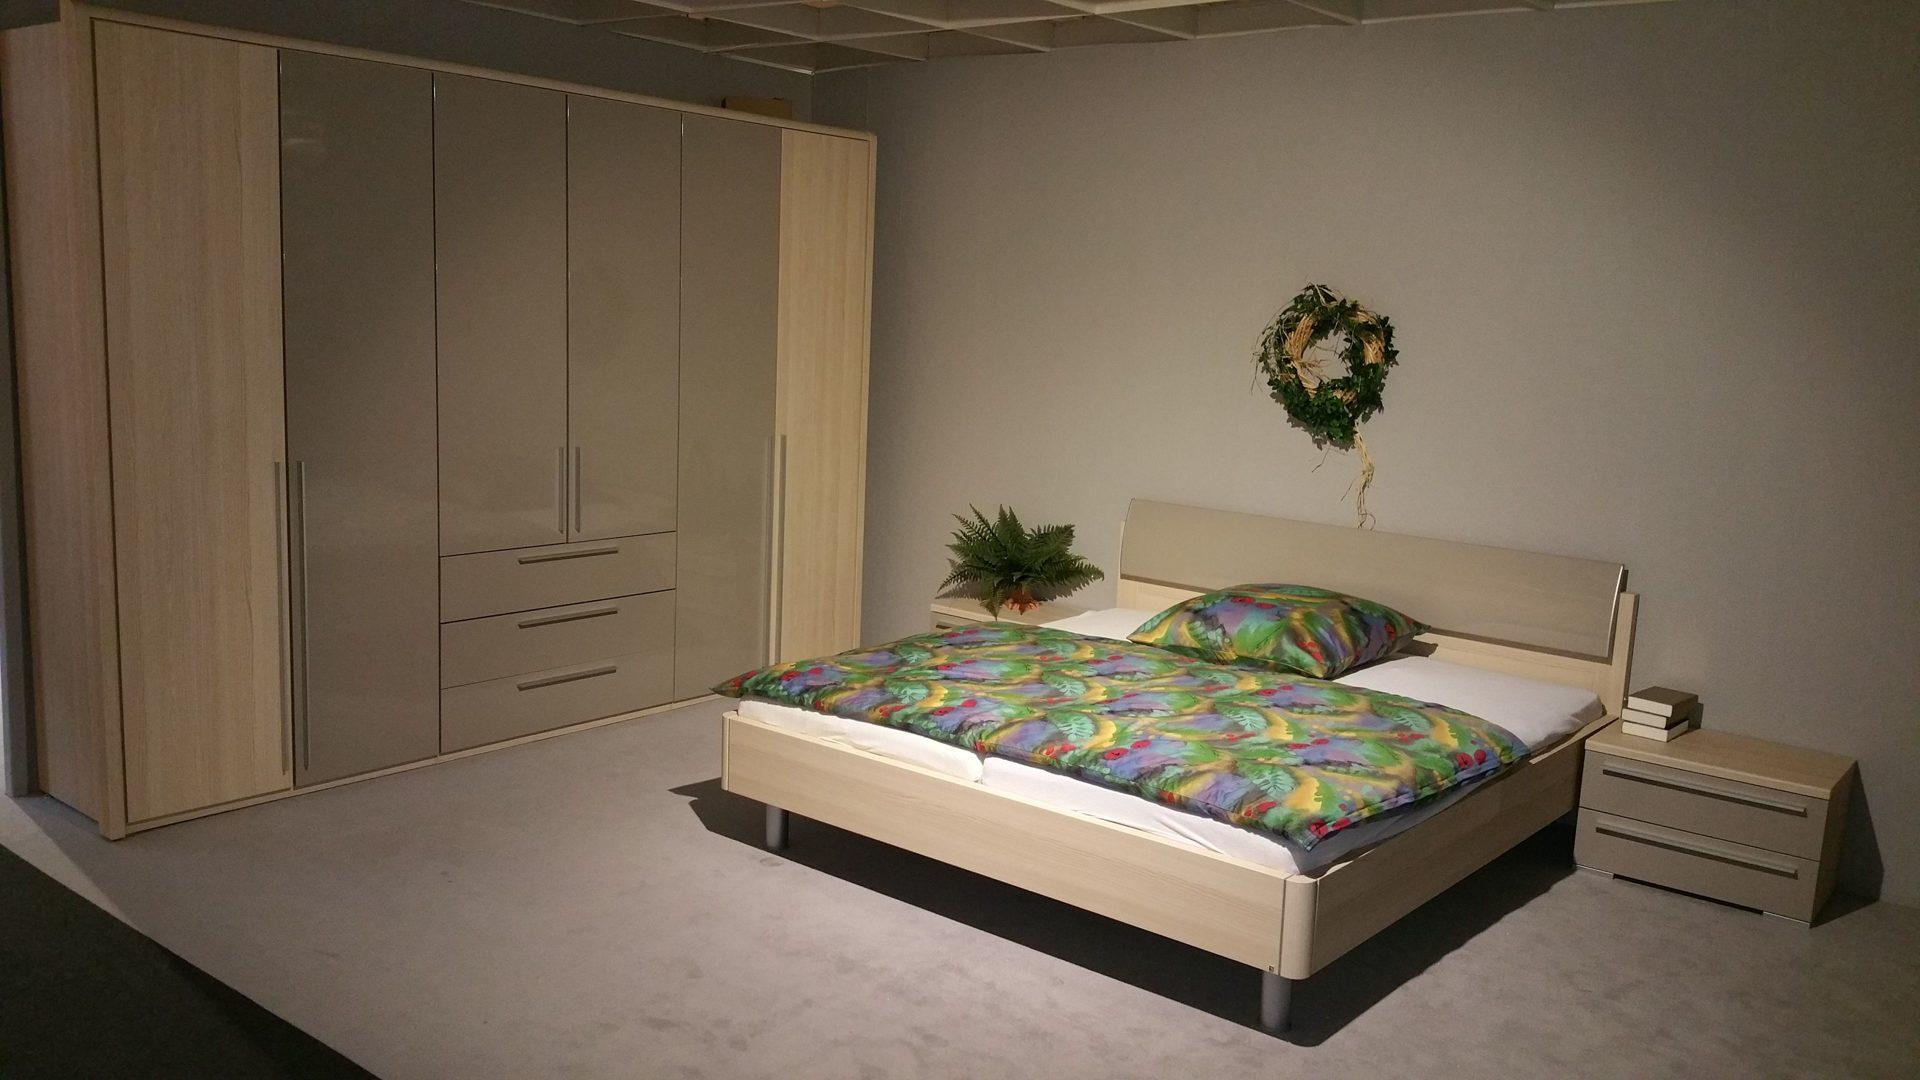 Möbel Hermes , Räume, Schlafzimmer, Komplettzimmer, Schlafzimmer ...